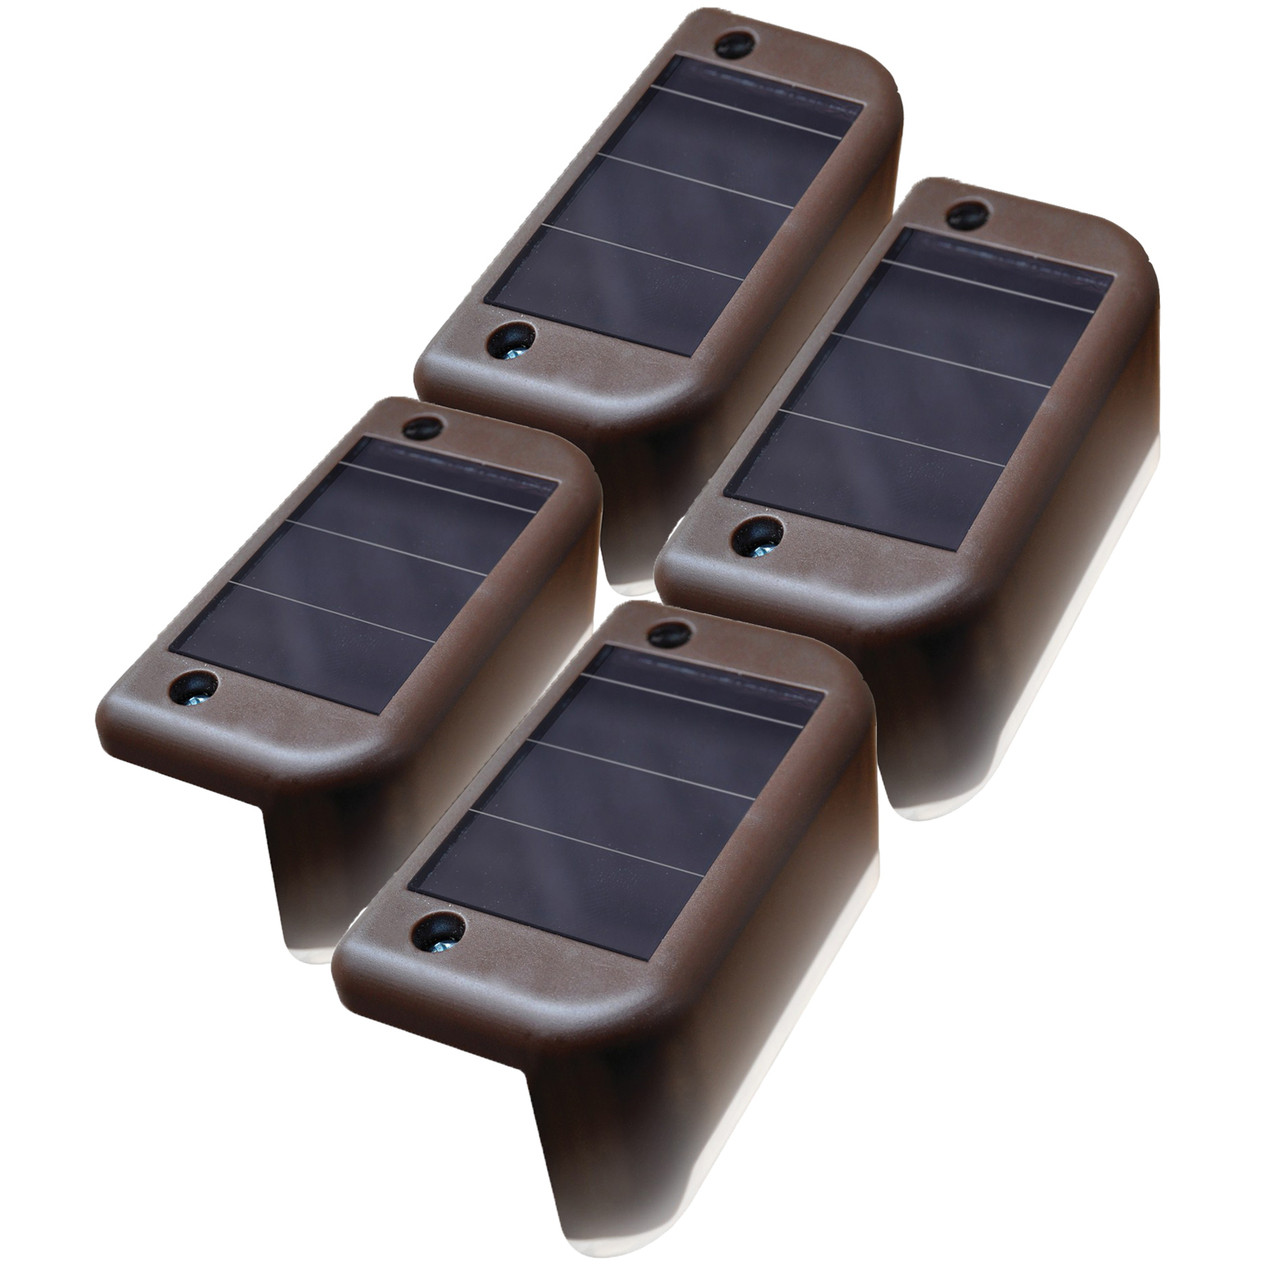 led deck lights pack of 4 - Led Deck Lights